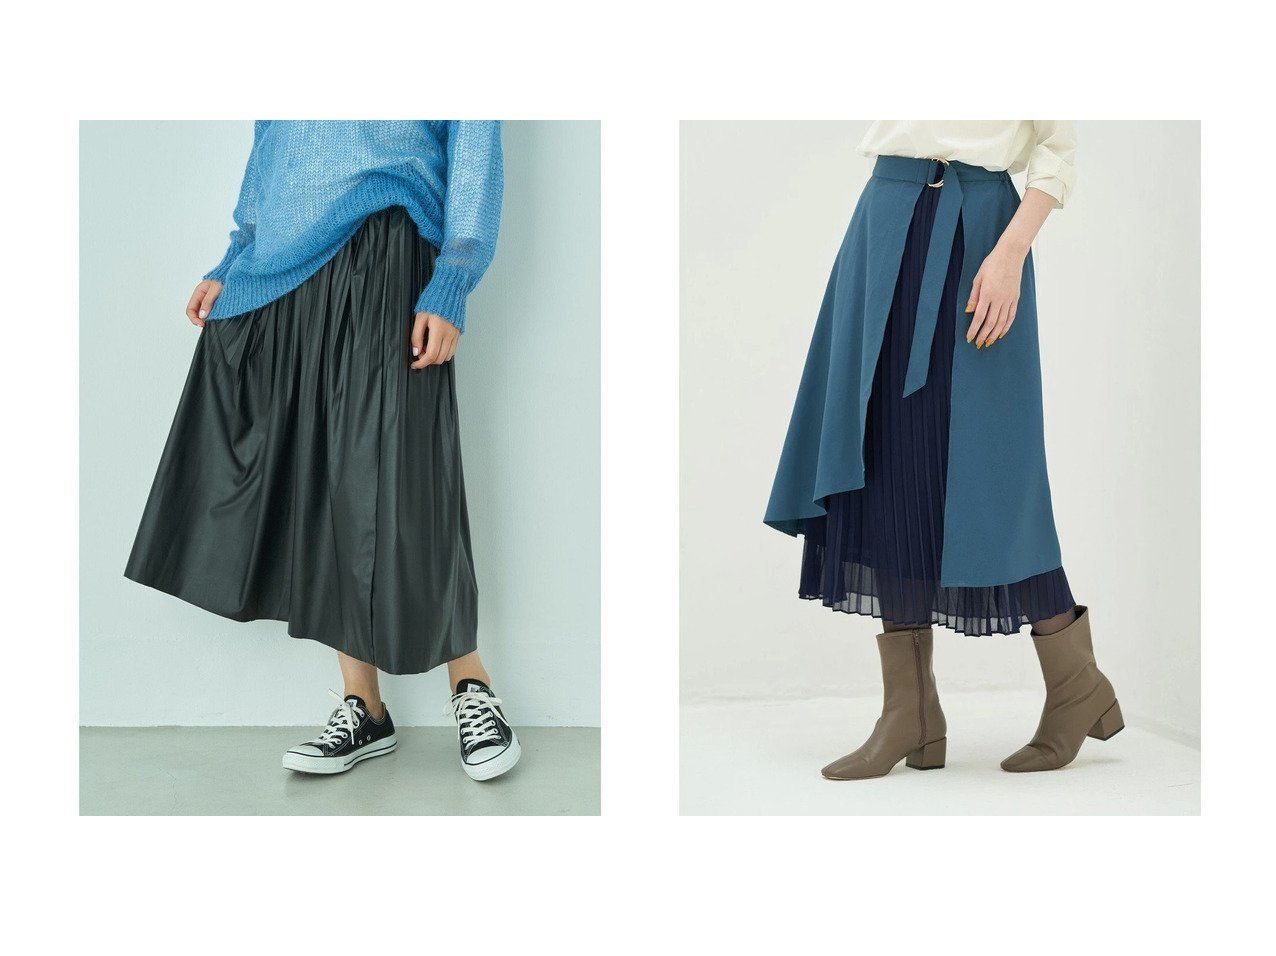 【YECCA VECCA/イェッカ ヴェッカ】のフェイクレザープリーツスカート&・2wayプリーツレイヤードスカート 【スカート】おすすめ!人気、トレンド・レディースファッションの通販 おすすめで人気の流行・トレンド、ファッションの通販商品 インテリア・家具・メンズファッション・キッズファッション・レディースファッション・服の通販 founy(ファニー) https://founy.com/ ファッション Fashion レディースファッション WOMEN スカート Skirt プリーツスカート Pleated Skirts 送料無料 Free Shipping エレガント セパレート プリーツ フェイクレザー フェミニン フレア ロング  ID:crp329100000071814